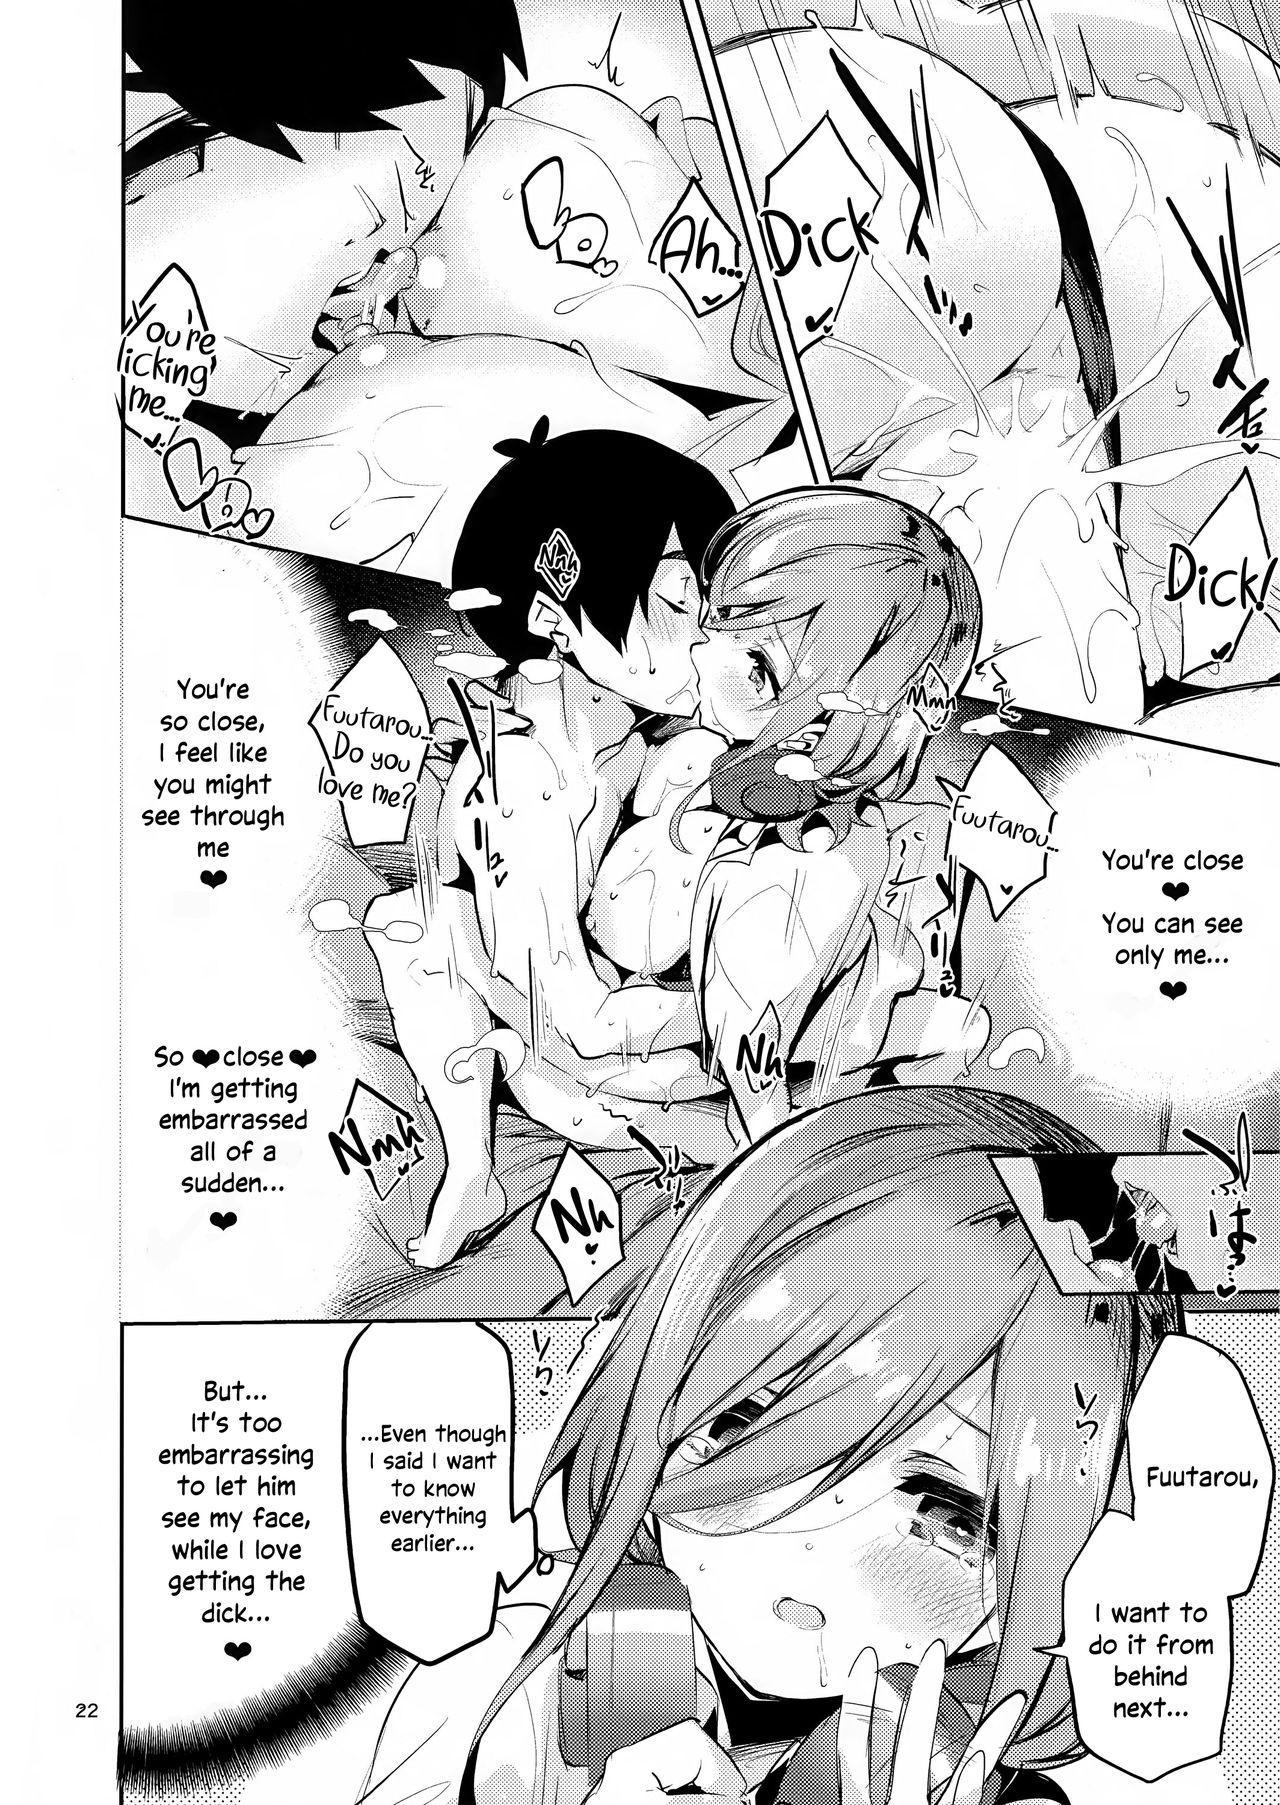 Miku no Baai | Miku's Situation 20